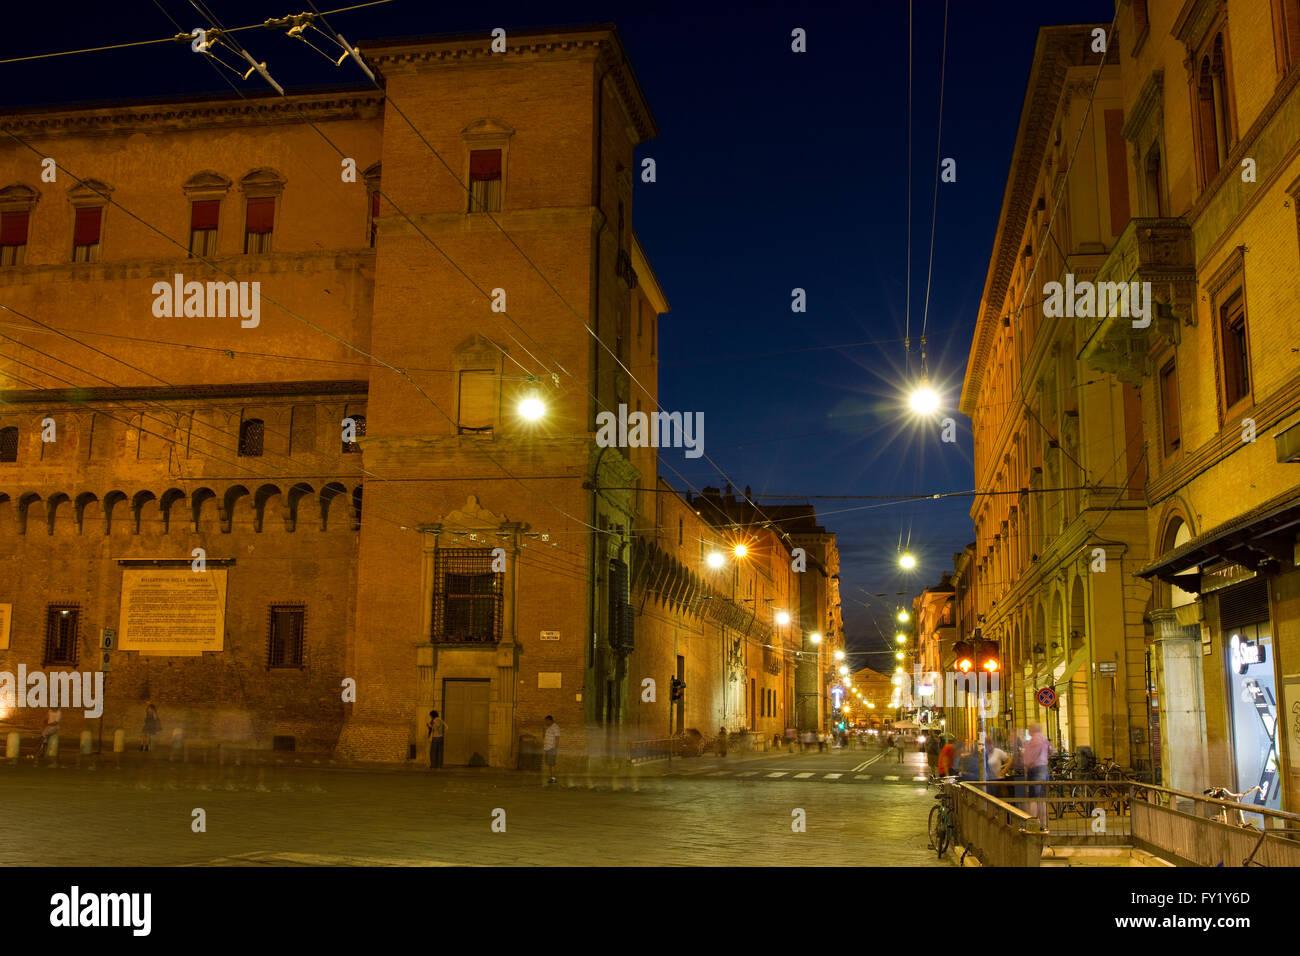 Piazza del Nettuno and Via Francesco Rizzoli in Bologna, Italy. - Stock Image